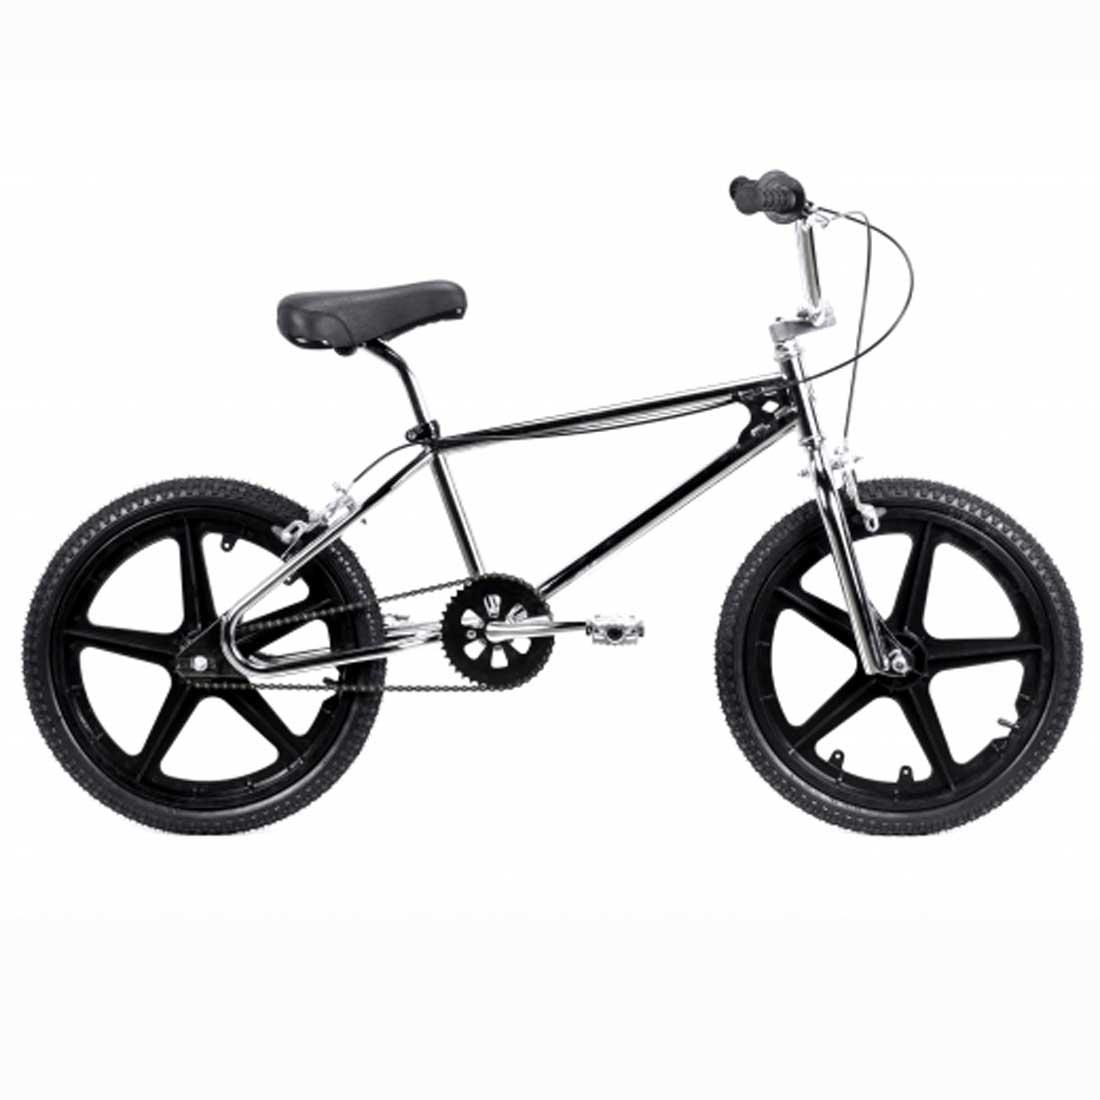 レインボー VOLT BMX 20インチ おしゃれ 自転車 通勤 通学 メンズ レディース ジュニア E.T VOLT BMX クローム